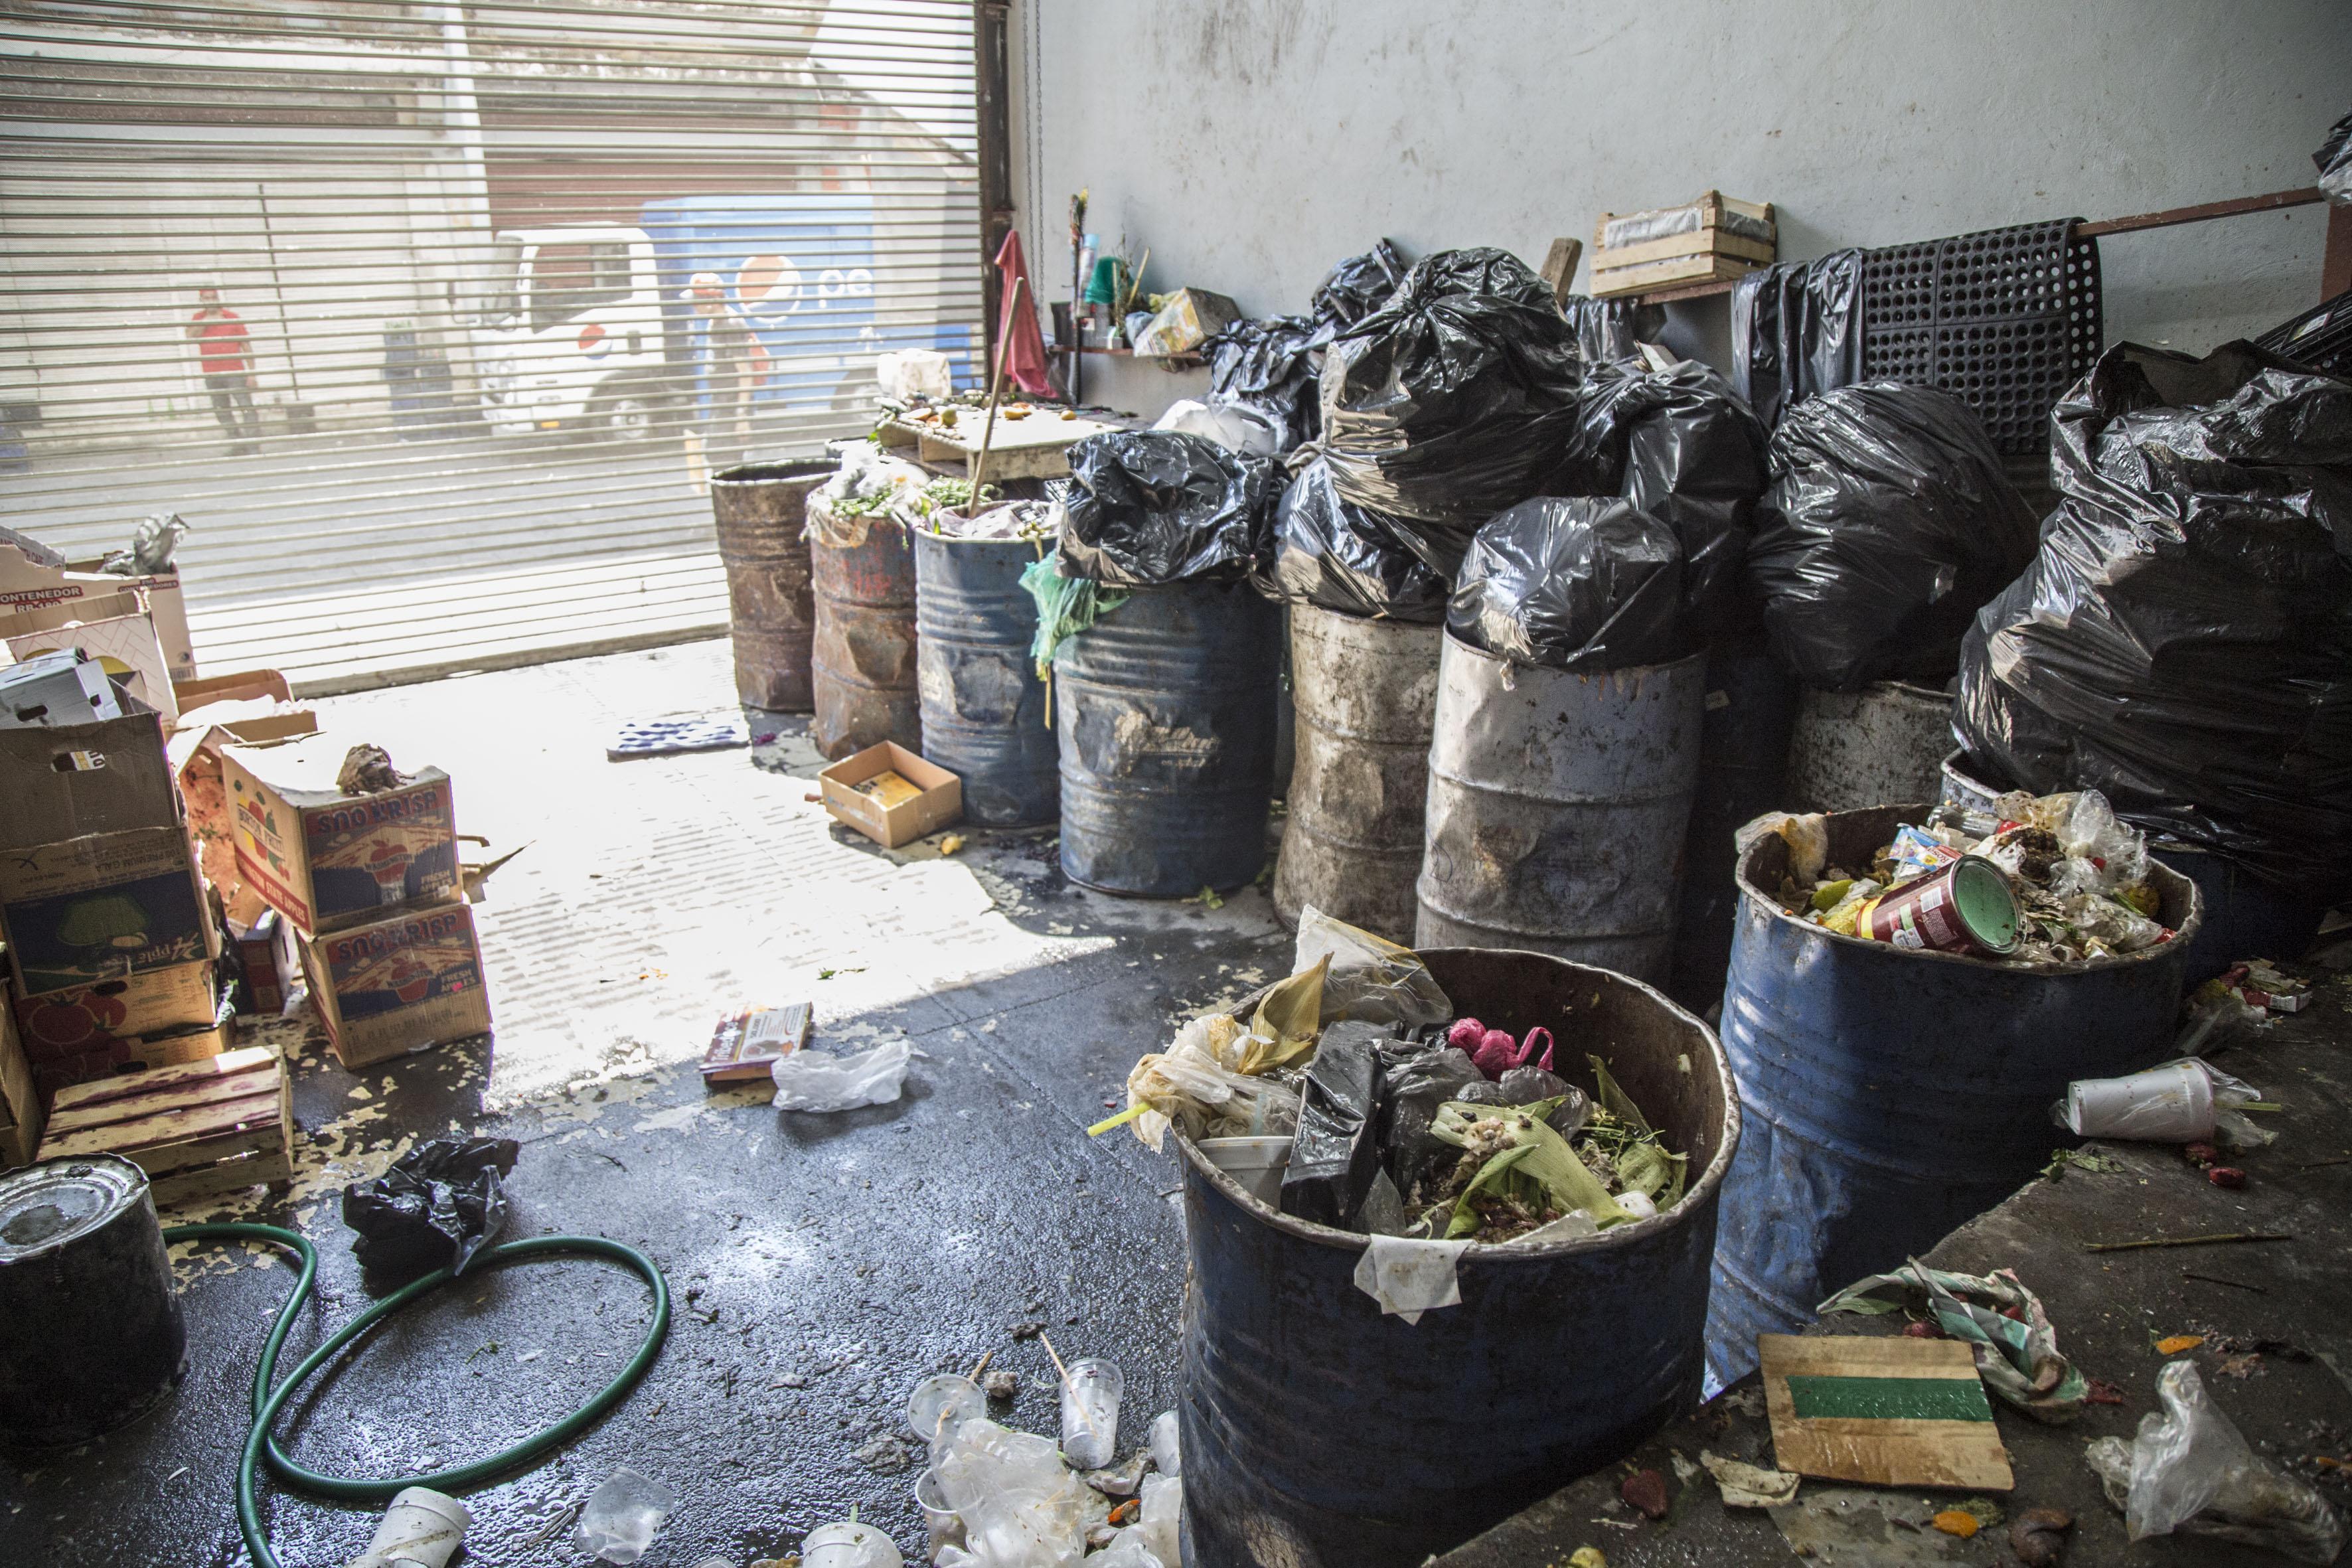 Bodega llena de cajas, botes y bolsas con basura.